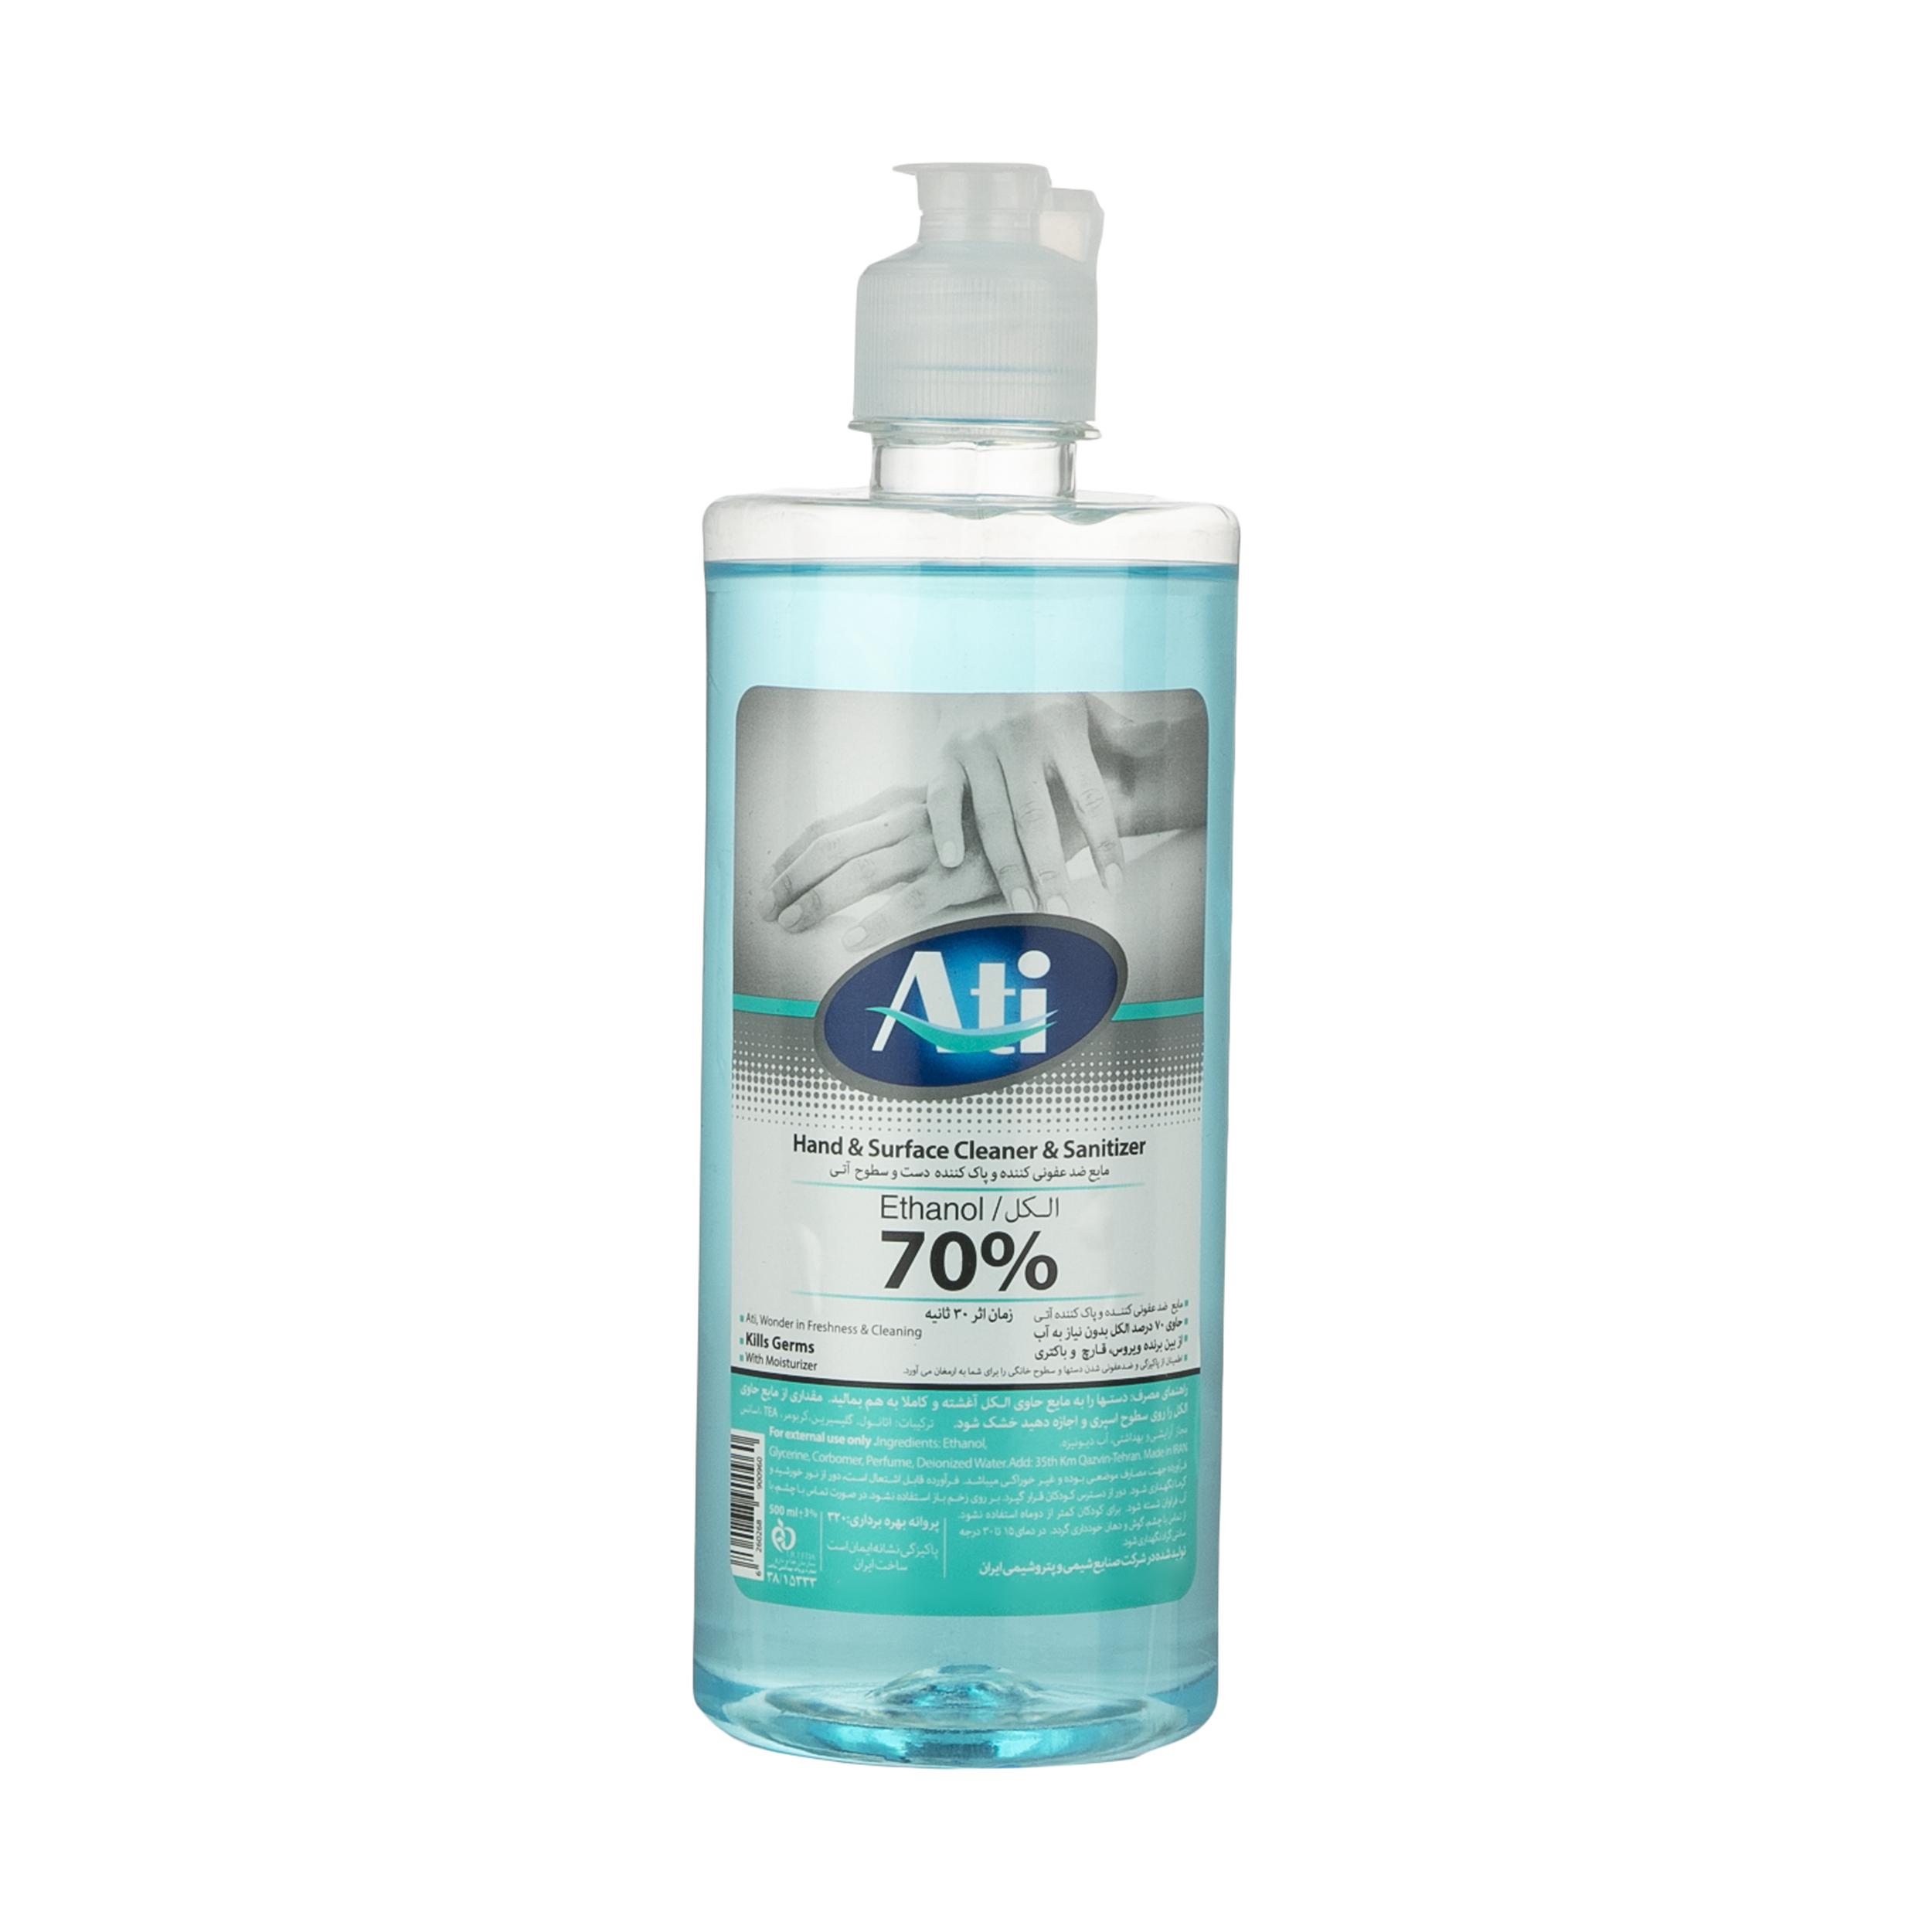 محلول ضدعفونی کننده دست و سطوح آتی کد 900960 حجم 500 میلی لیتر